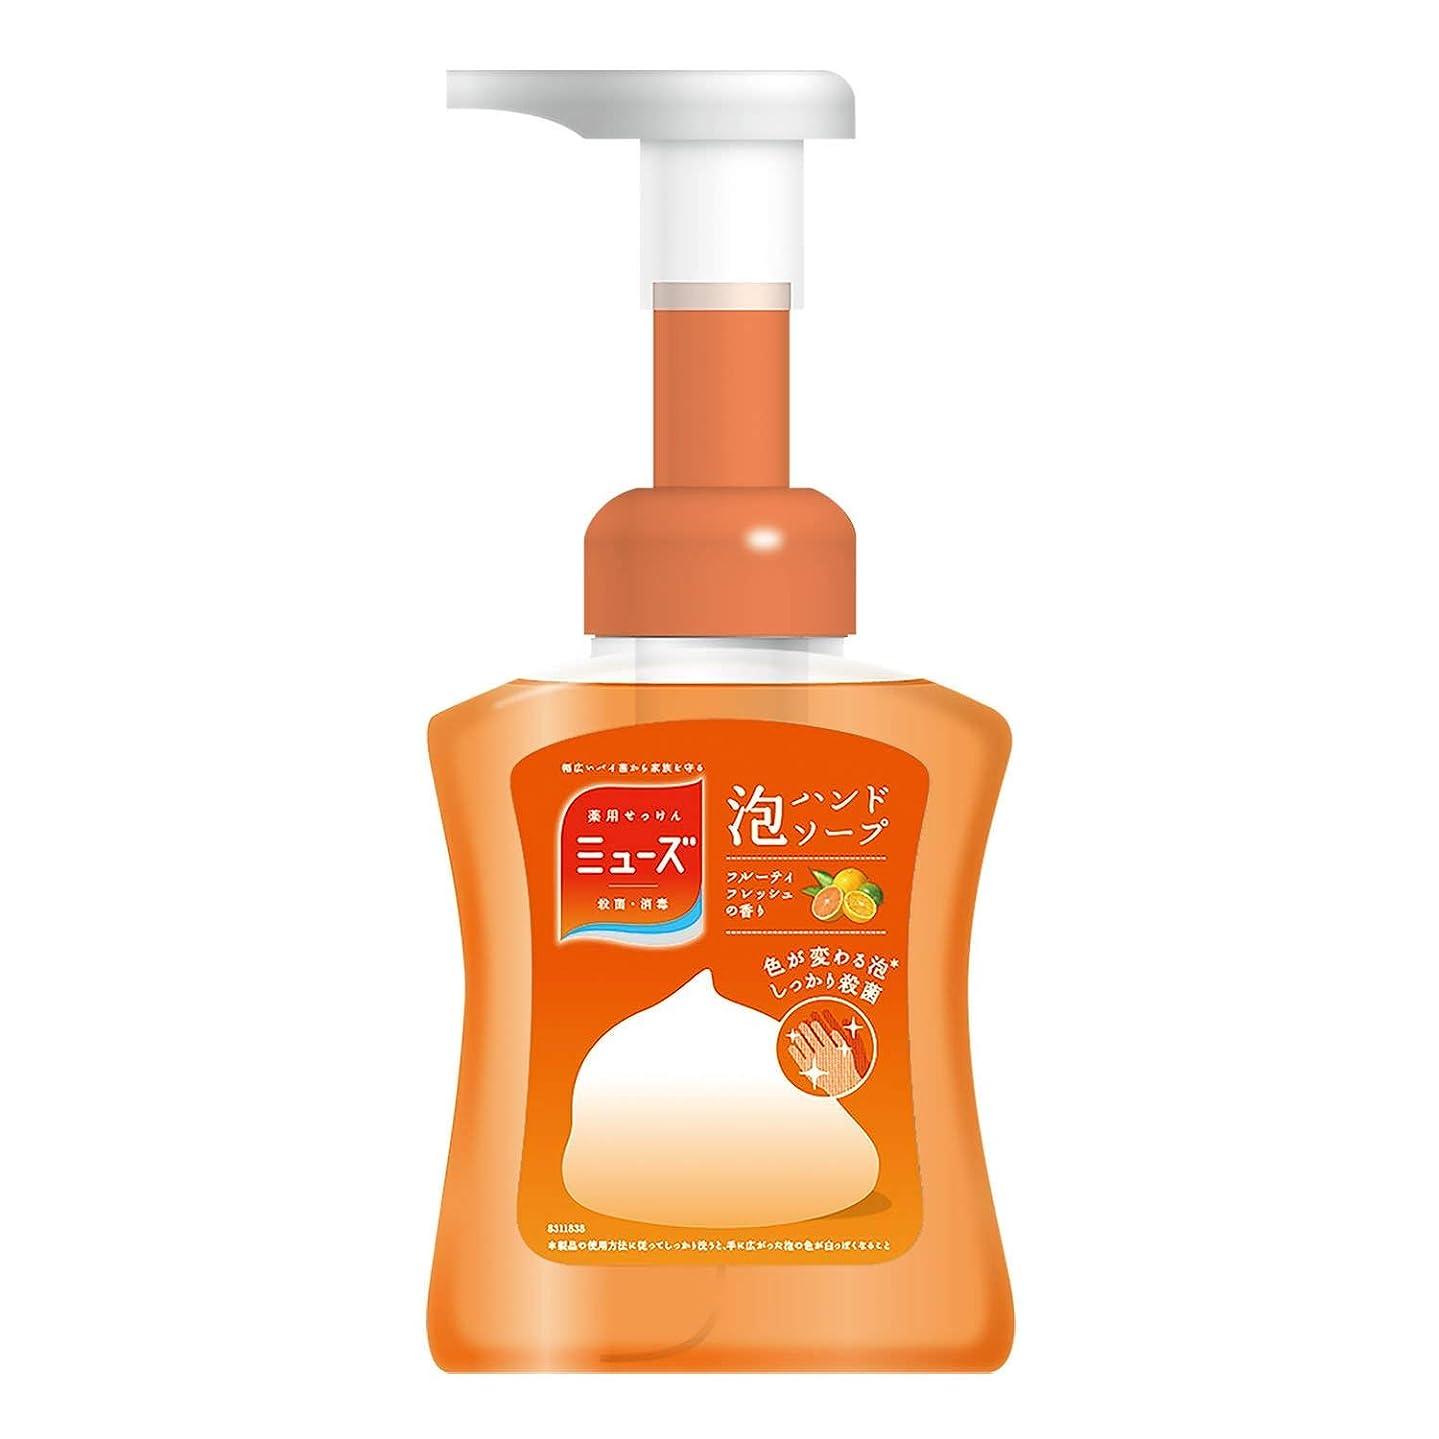 トリップマウスピース個人【医薬部外品】ミューズ 泡 ハンドソープ フルーティフレッシュの香り 色が変わる泡 本体ボトル 250ml 殺菌 消毒 手洗い 保湿成分配合